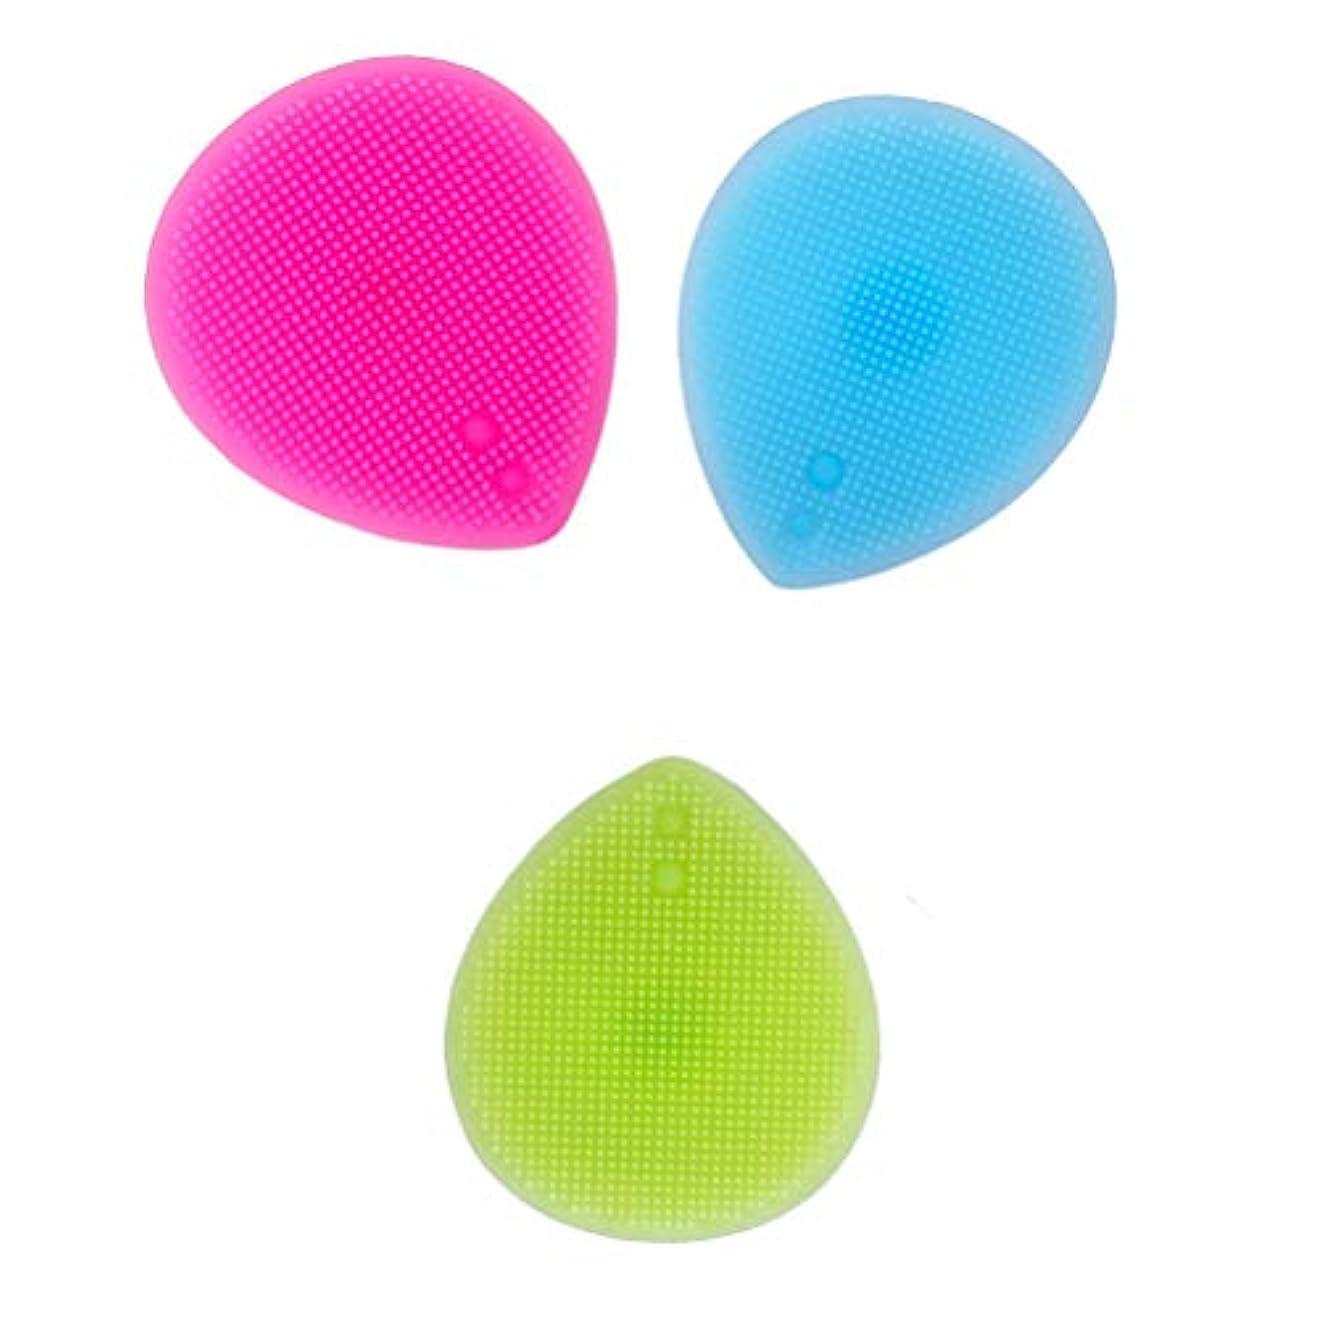 死じゃがいも吐き出すLurrose 3PCSシリコーンフェイシャルクレンジングブラシ手動フェイシャルマッサージブラシ女性用(ブルー+バラ色+グリーン)